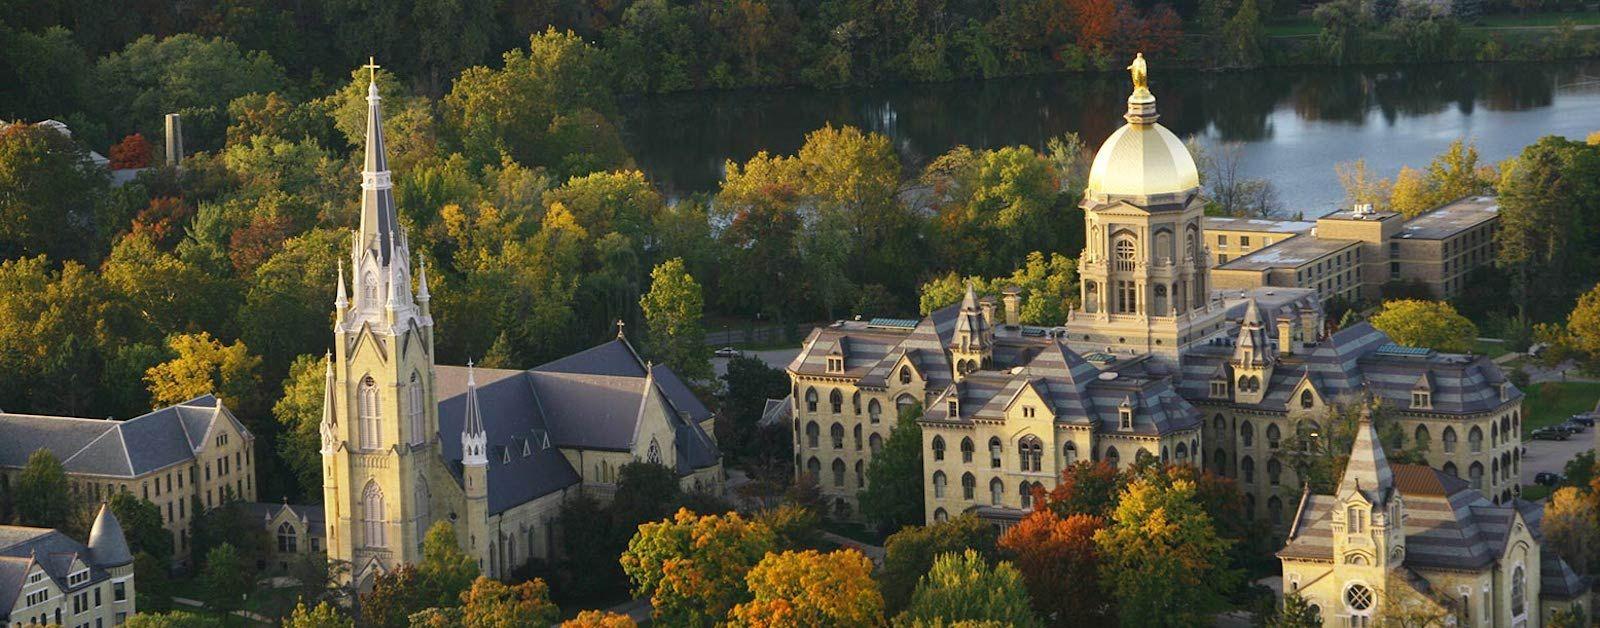 University_of_Notre_Dame_5686882.jpg